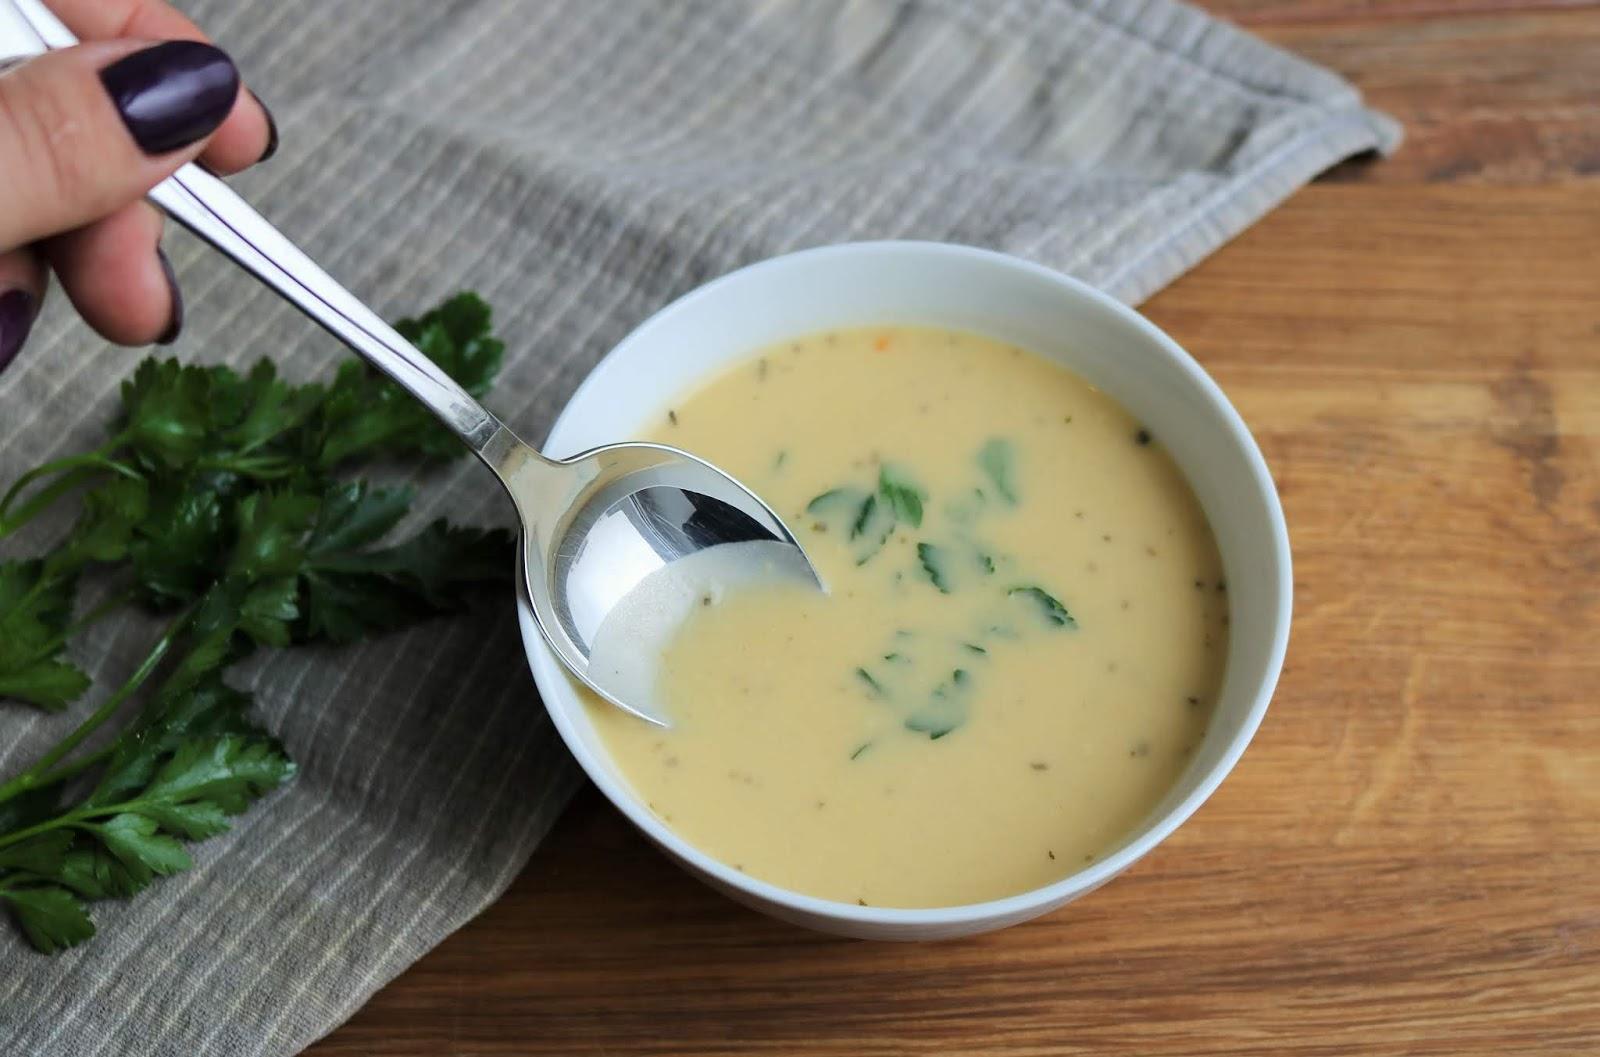 prosty i dobry przepis na zupę cebulową krem